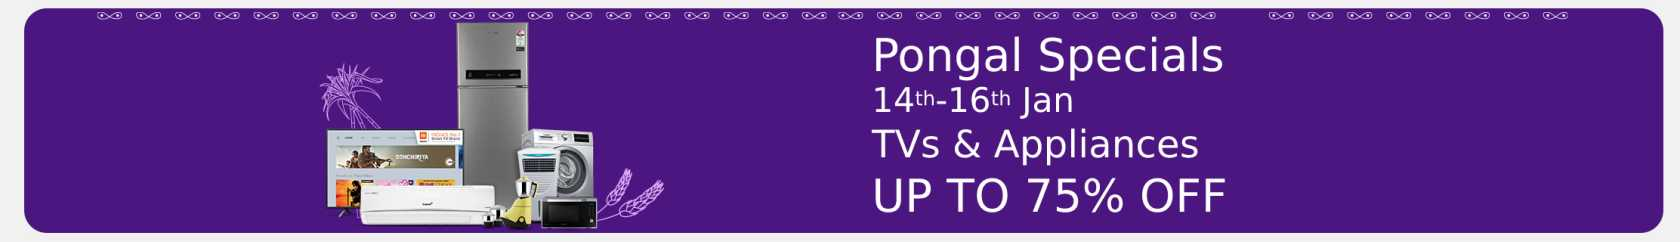 Flipkart - Pongal Specials 14th till 16th Jan 2021